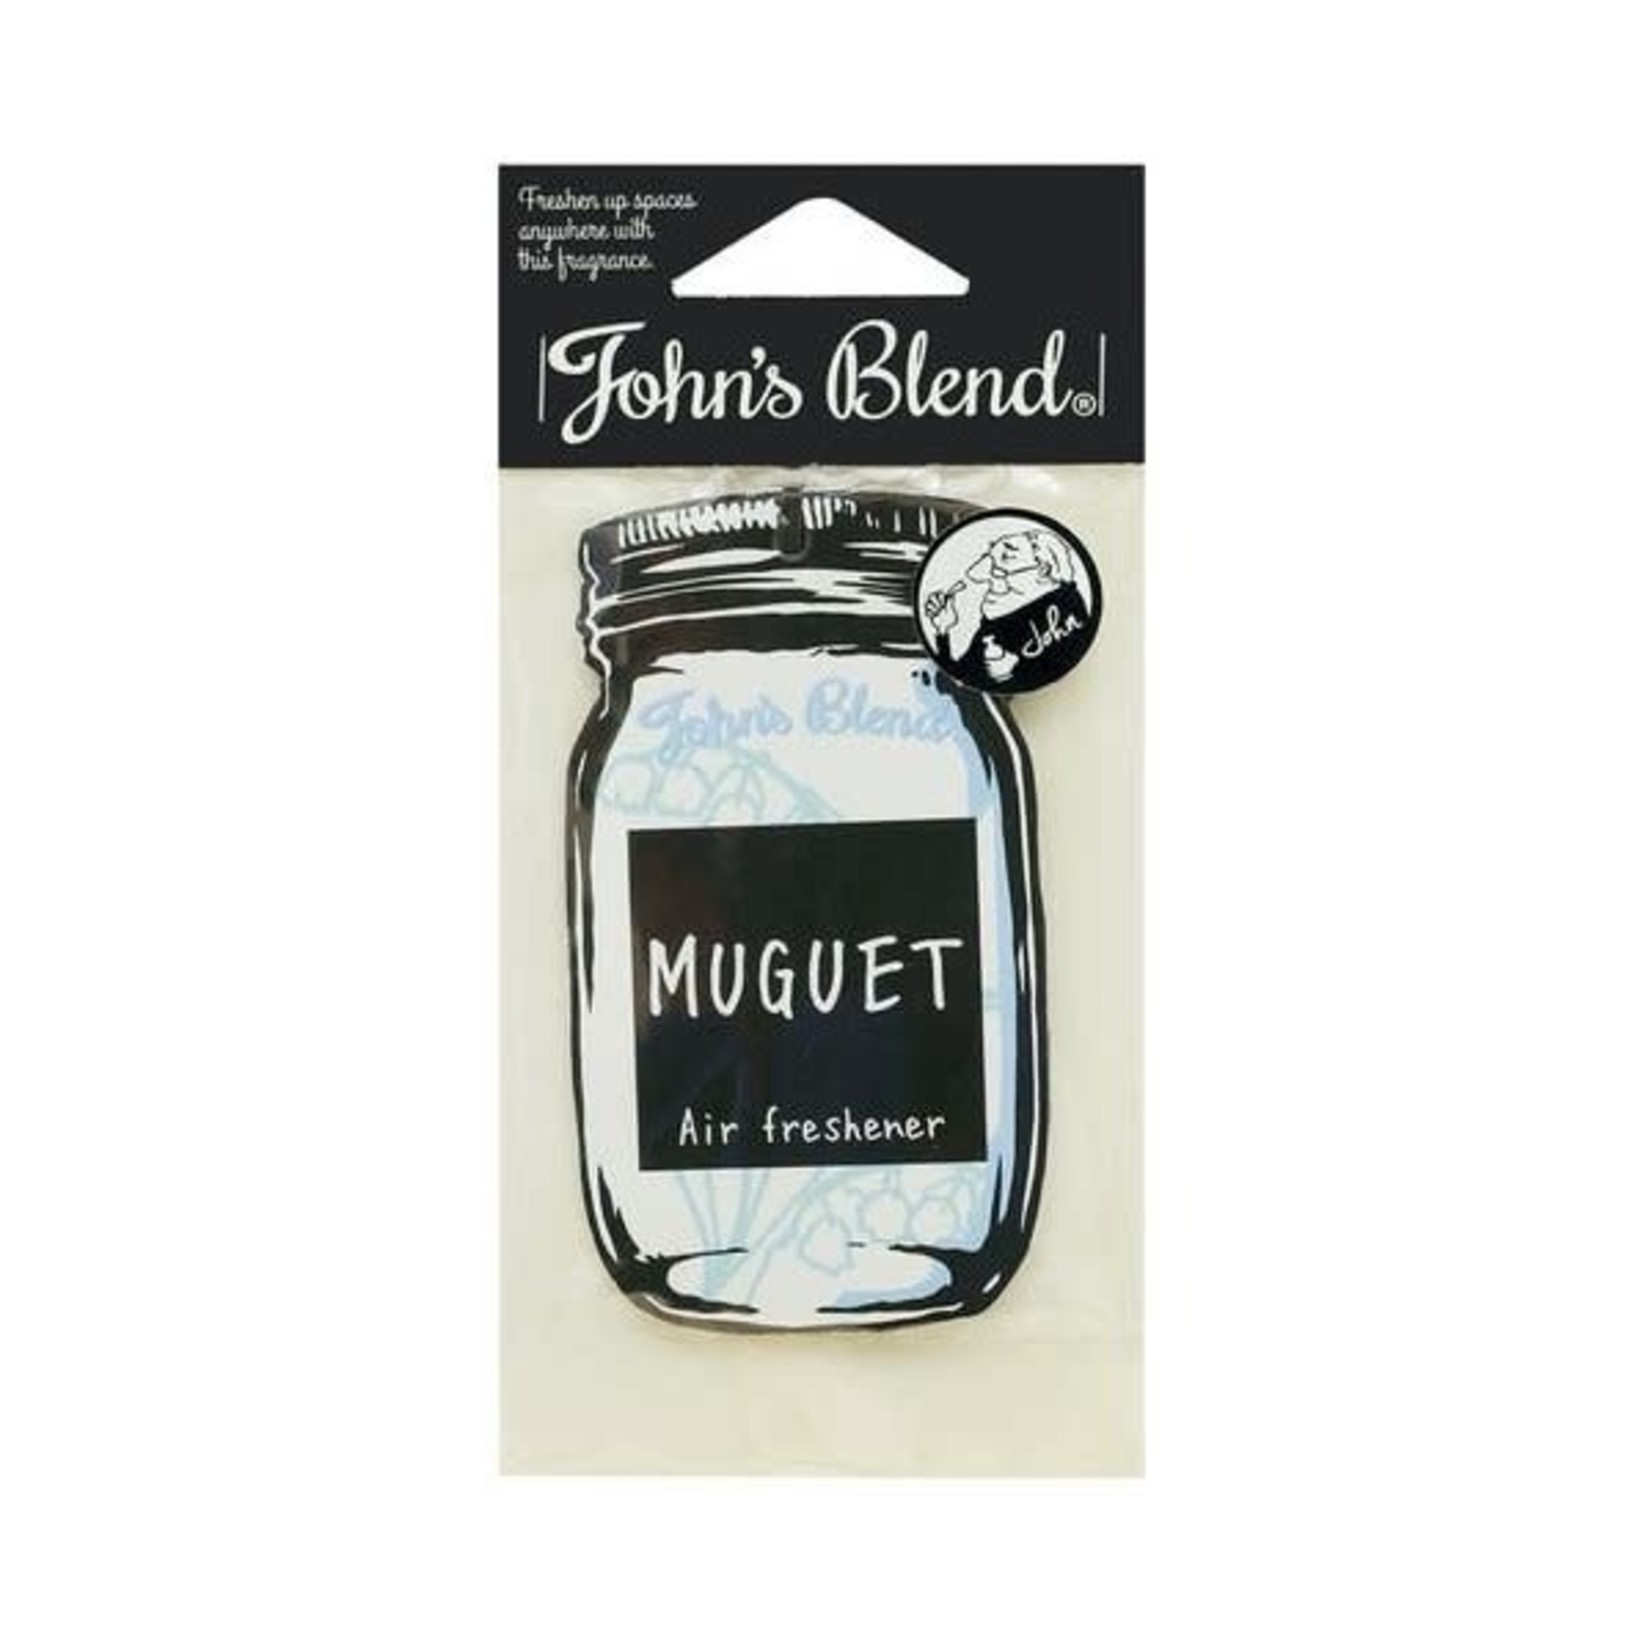 Nol John's Blend Air Freshener Muguet